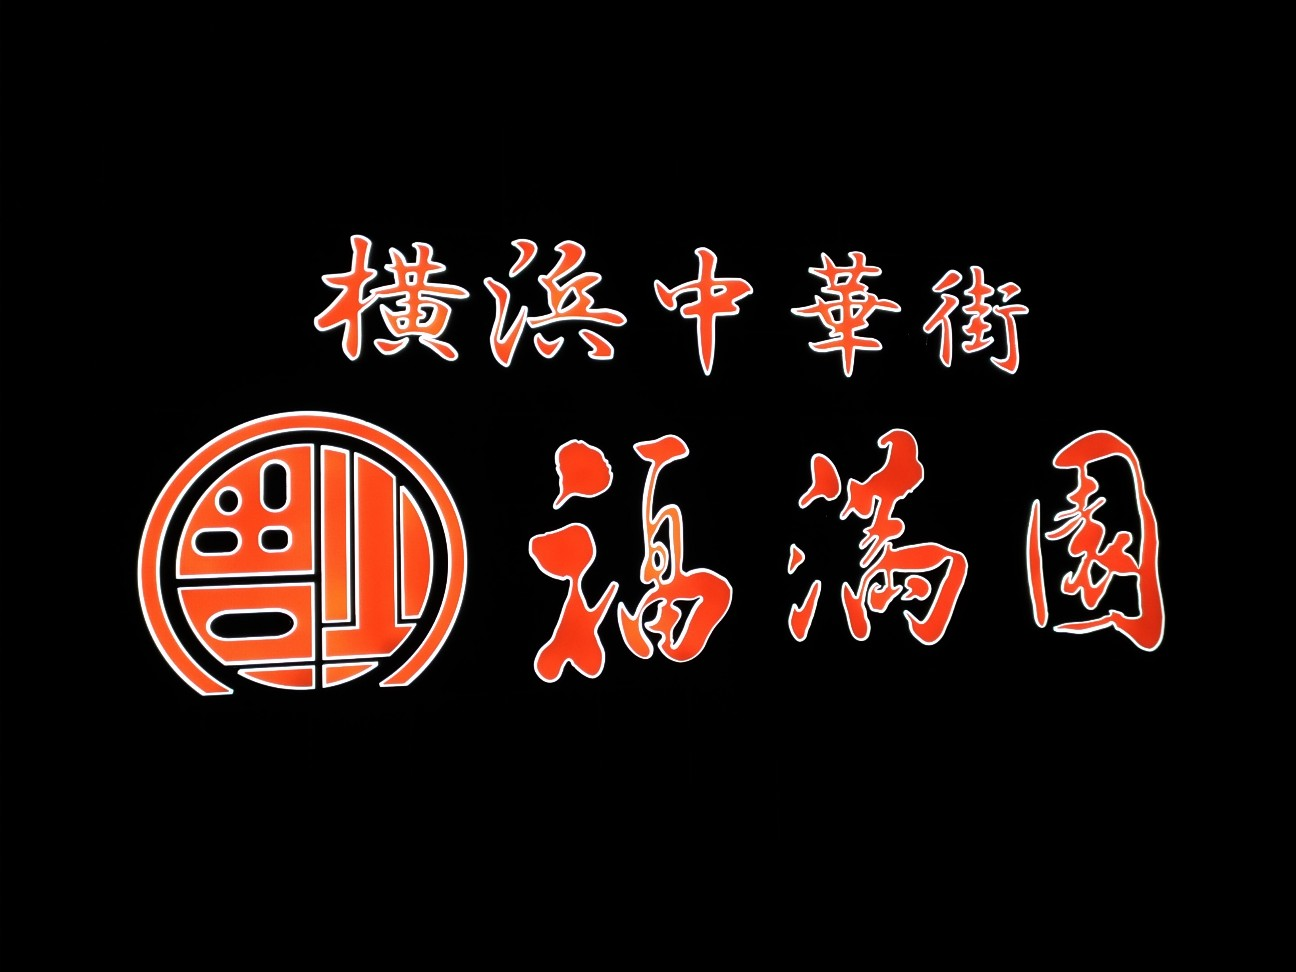 f:id:HKT1989:20191226003232j:plain